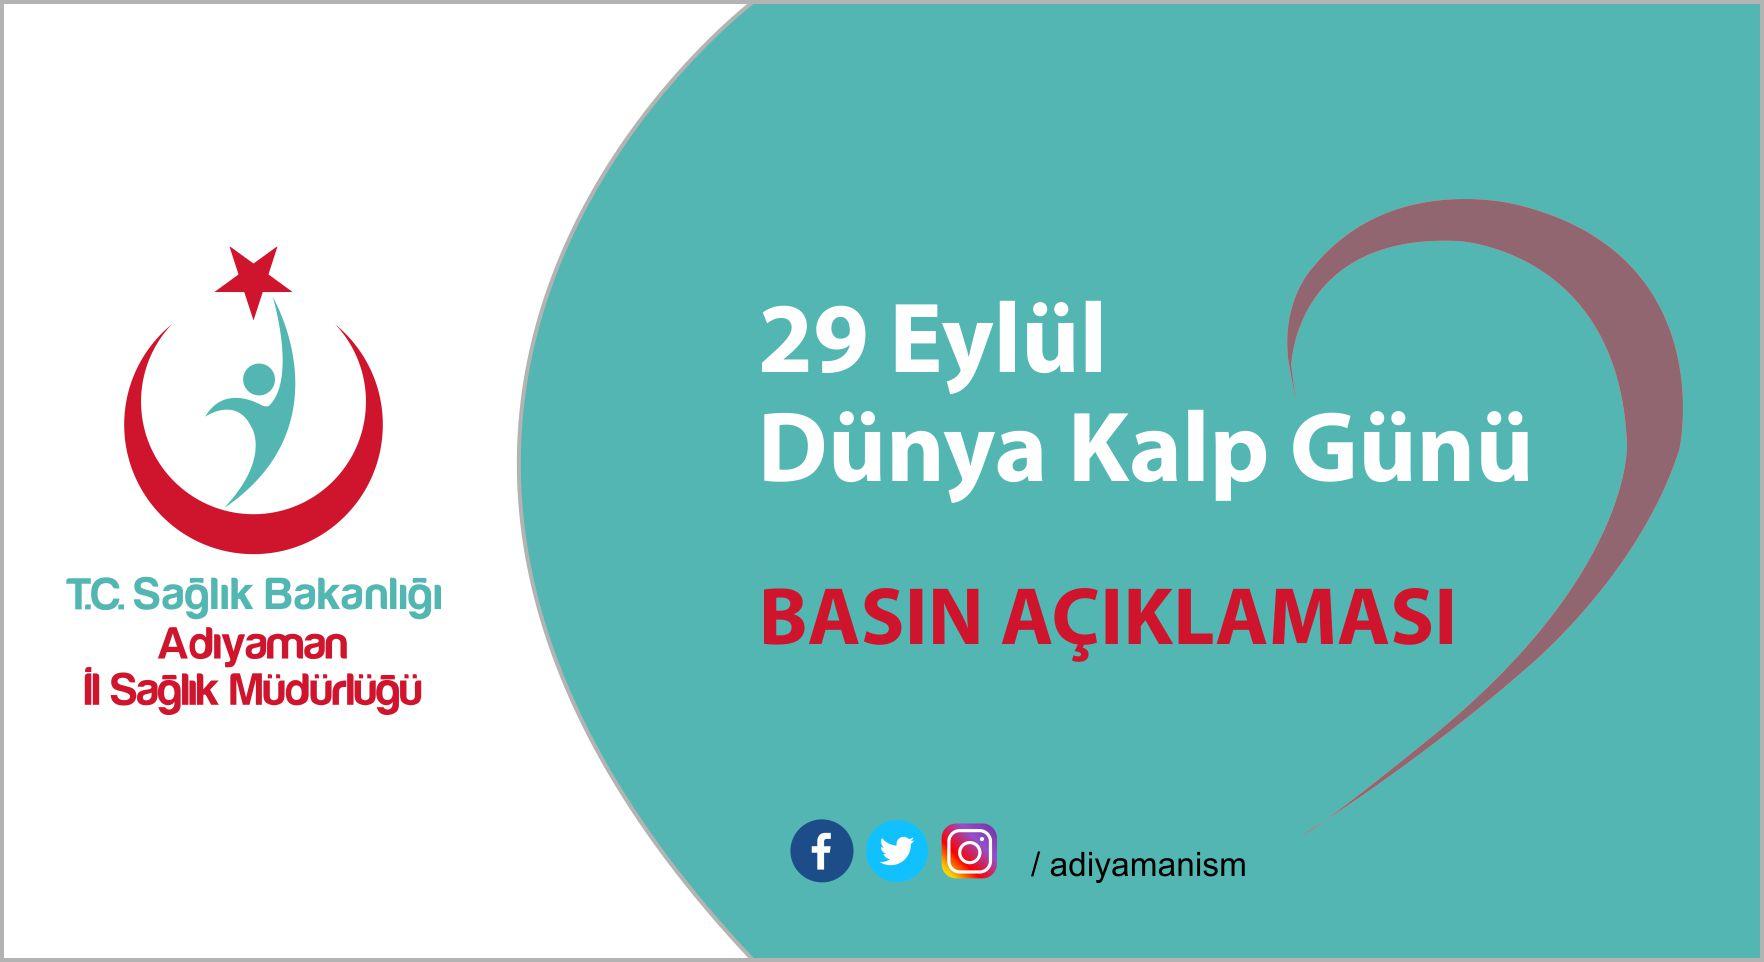 29 Eylul Dunya Kalp Gunu Basin Aciklamasi.jpg